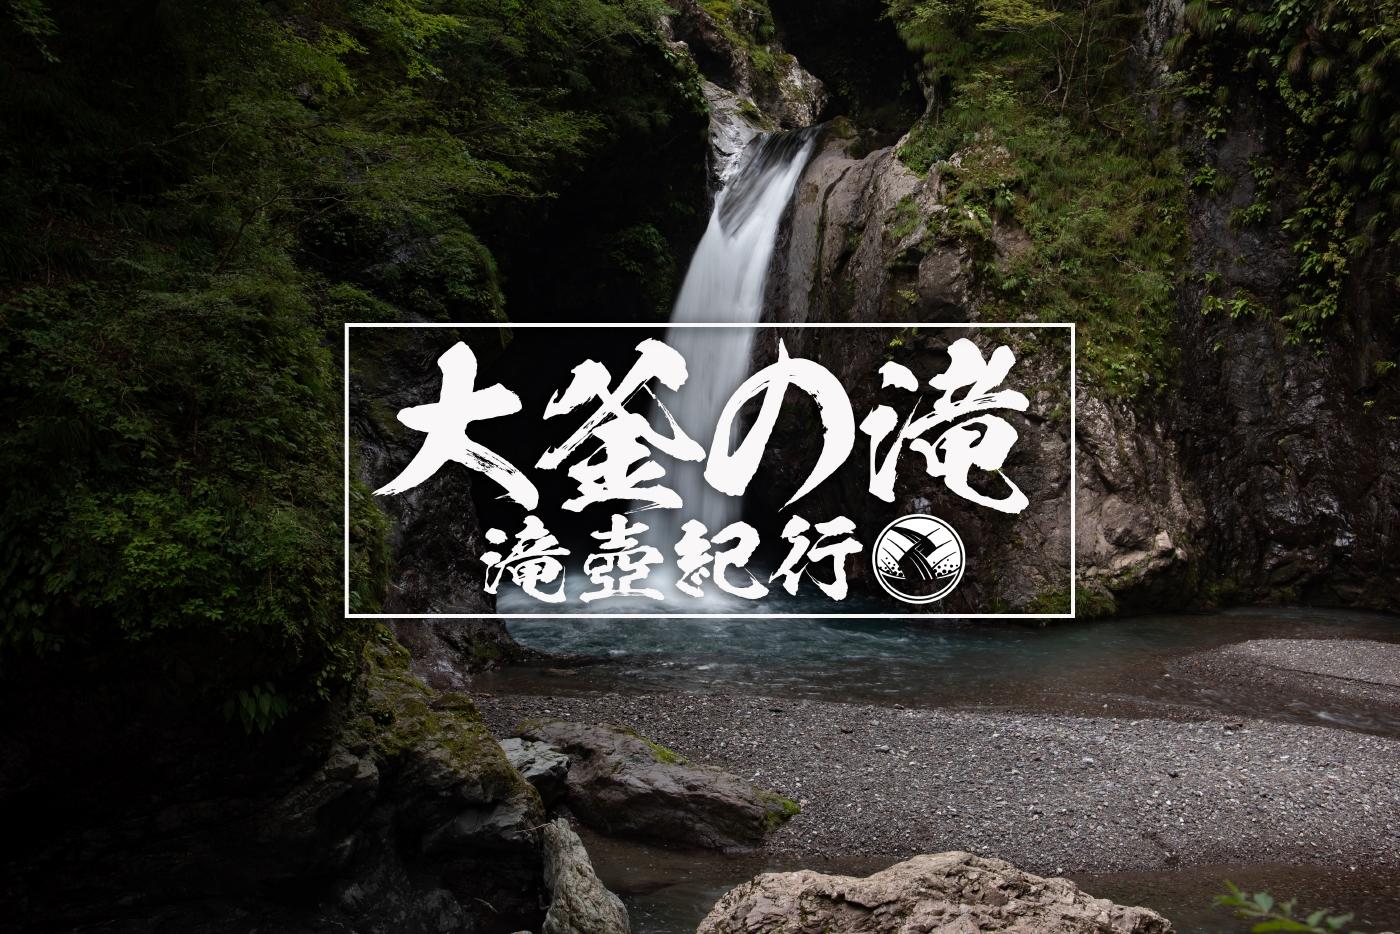 大釜の滝 ~徳島県・那賀町~ 2020年SW百名瀑巡り